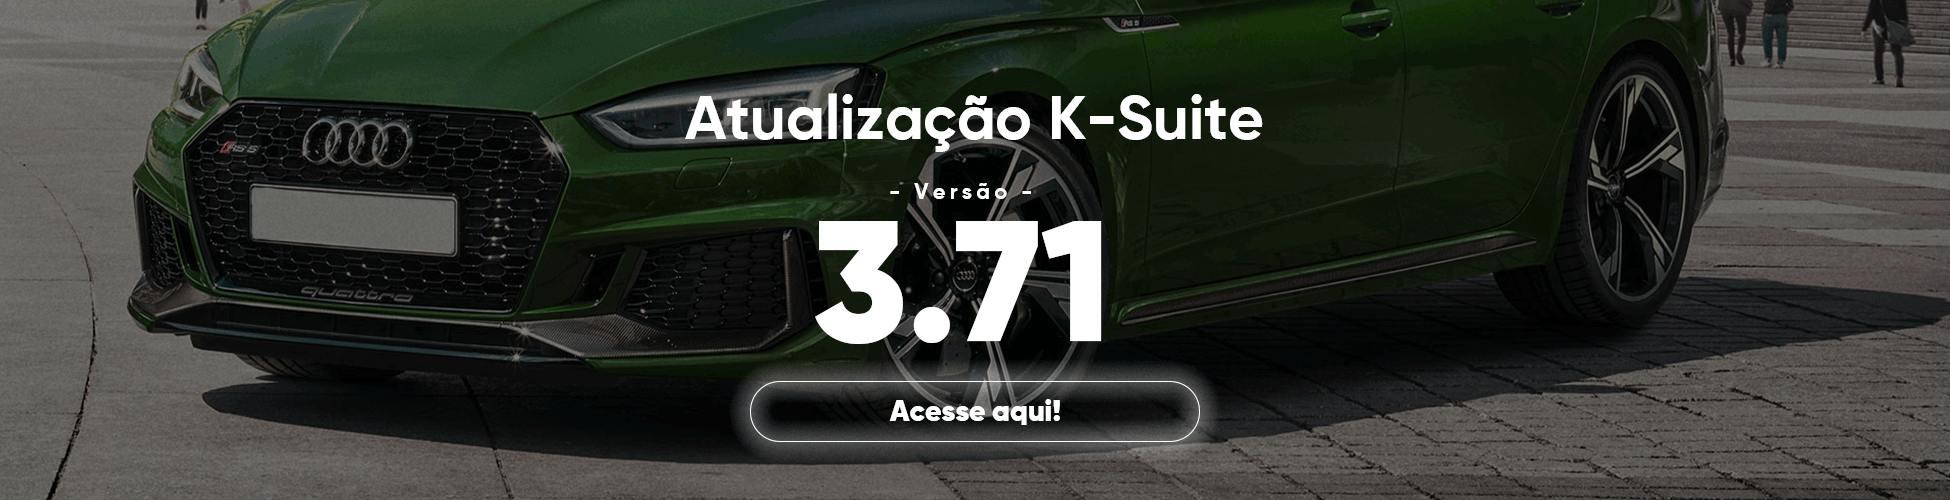 Atualização K-Suite 3.71